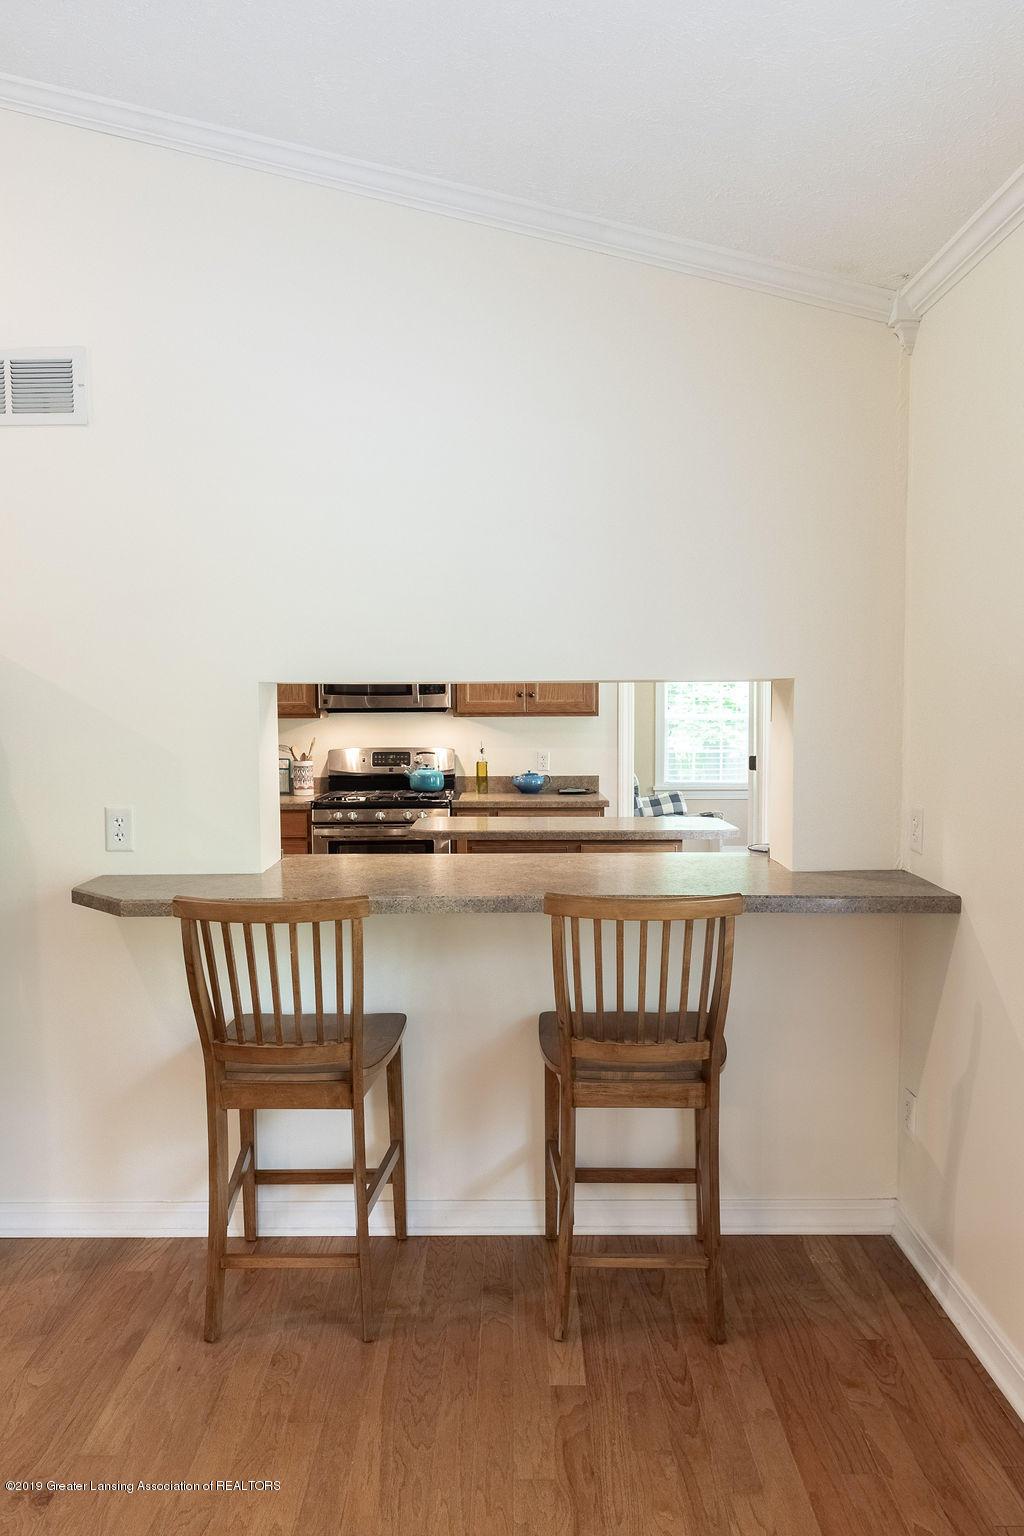 4715 Van Atta Rd - Kitchen Eating Area - 15